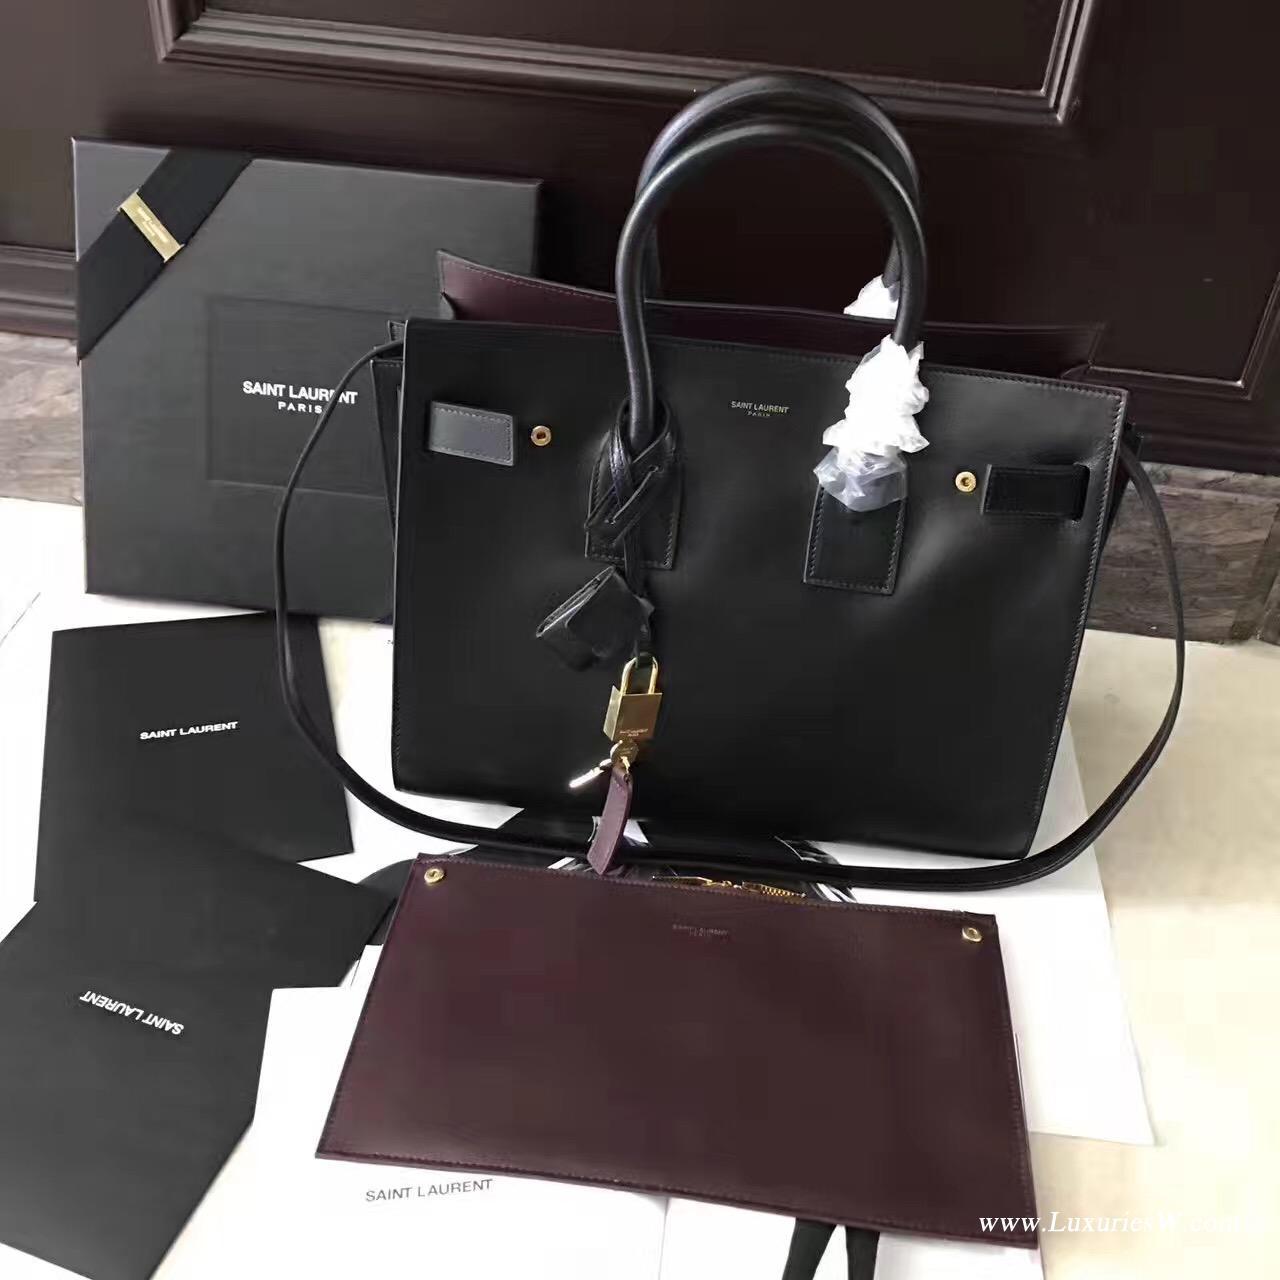 聖羅蘭YSL經典小號SAC DE JOUR和黑色内酒红色手袋